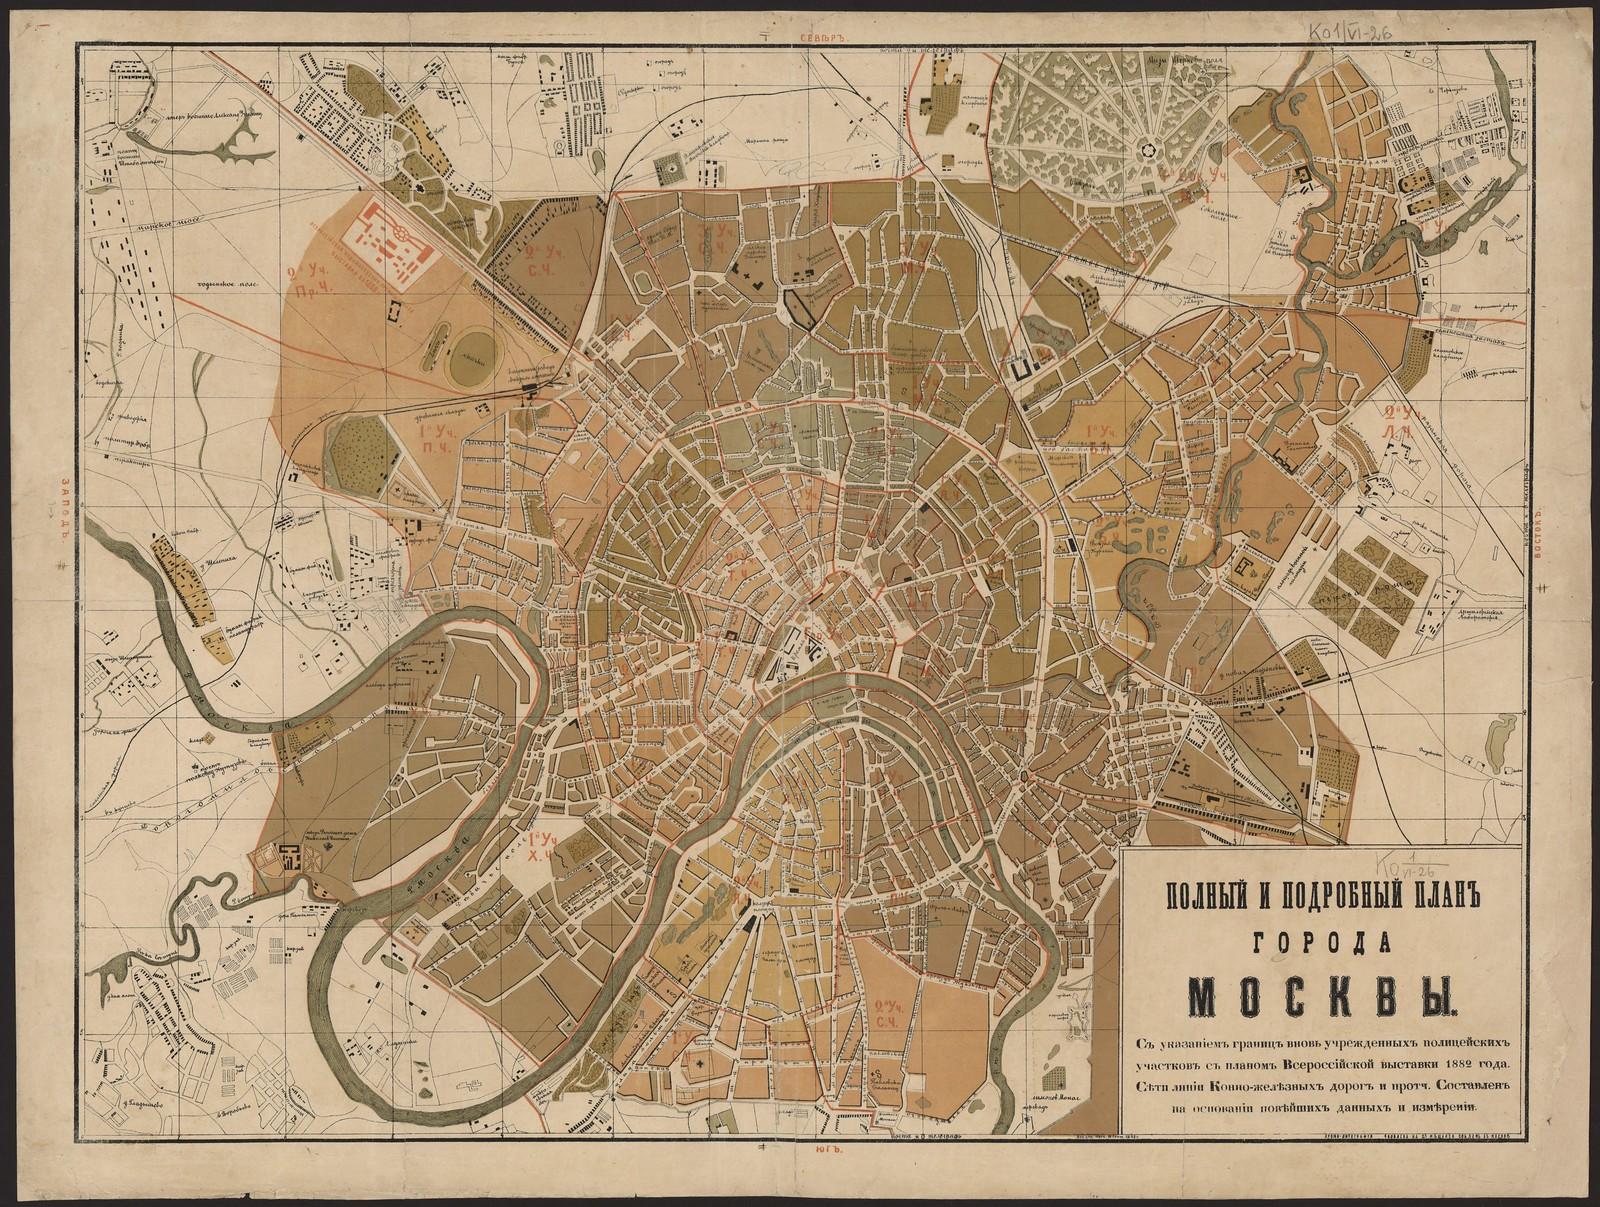 1882. Полный и подробный план города Москвы.